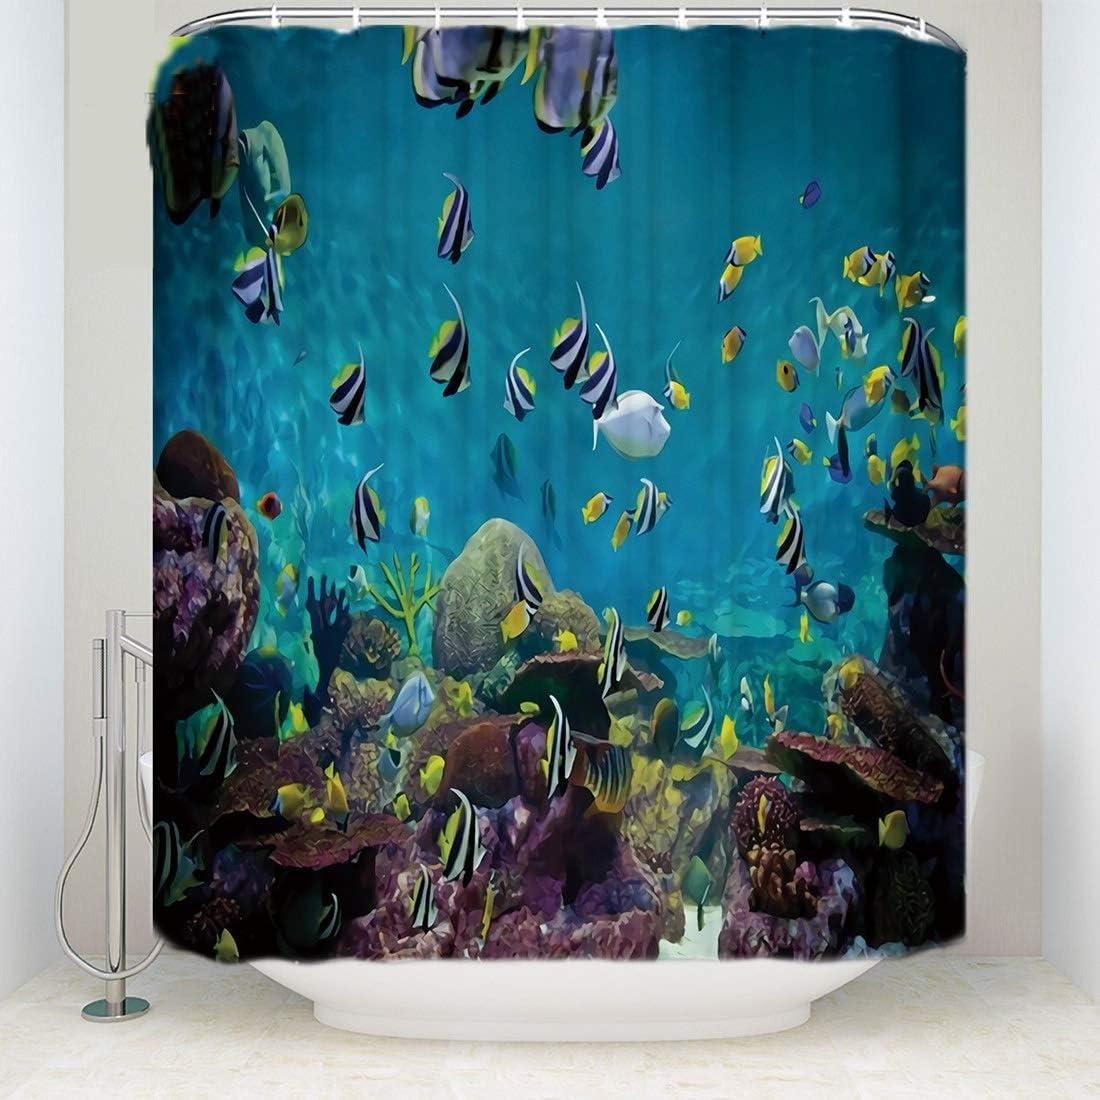 SMNHSRXH Hermosas Cortinas de Ducha de poliéster de Pescado del Mundo Submarino Cortinas de Colores Lavables for decoración de hogar de Ducha de baño Antimoho: Amazon.es: Deportes y aire libre